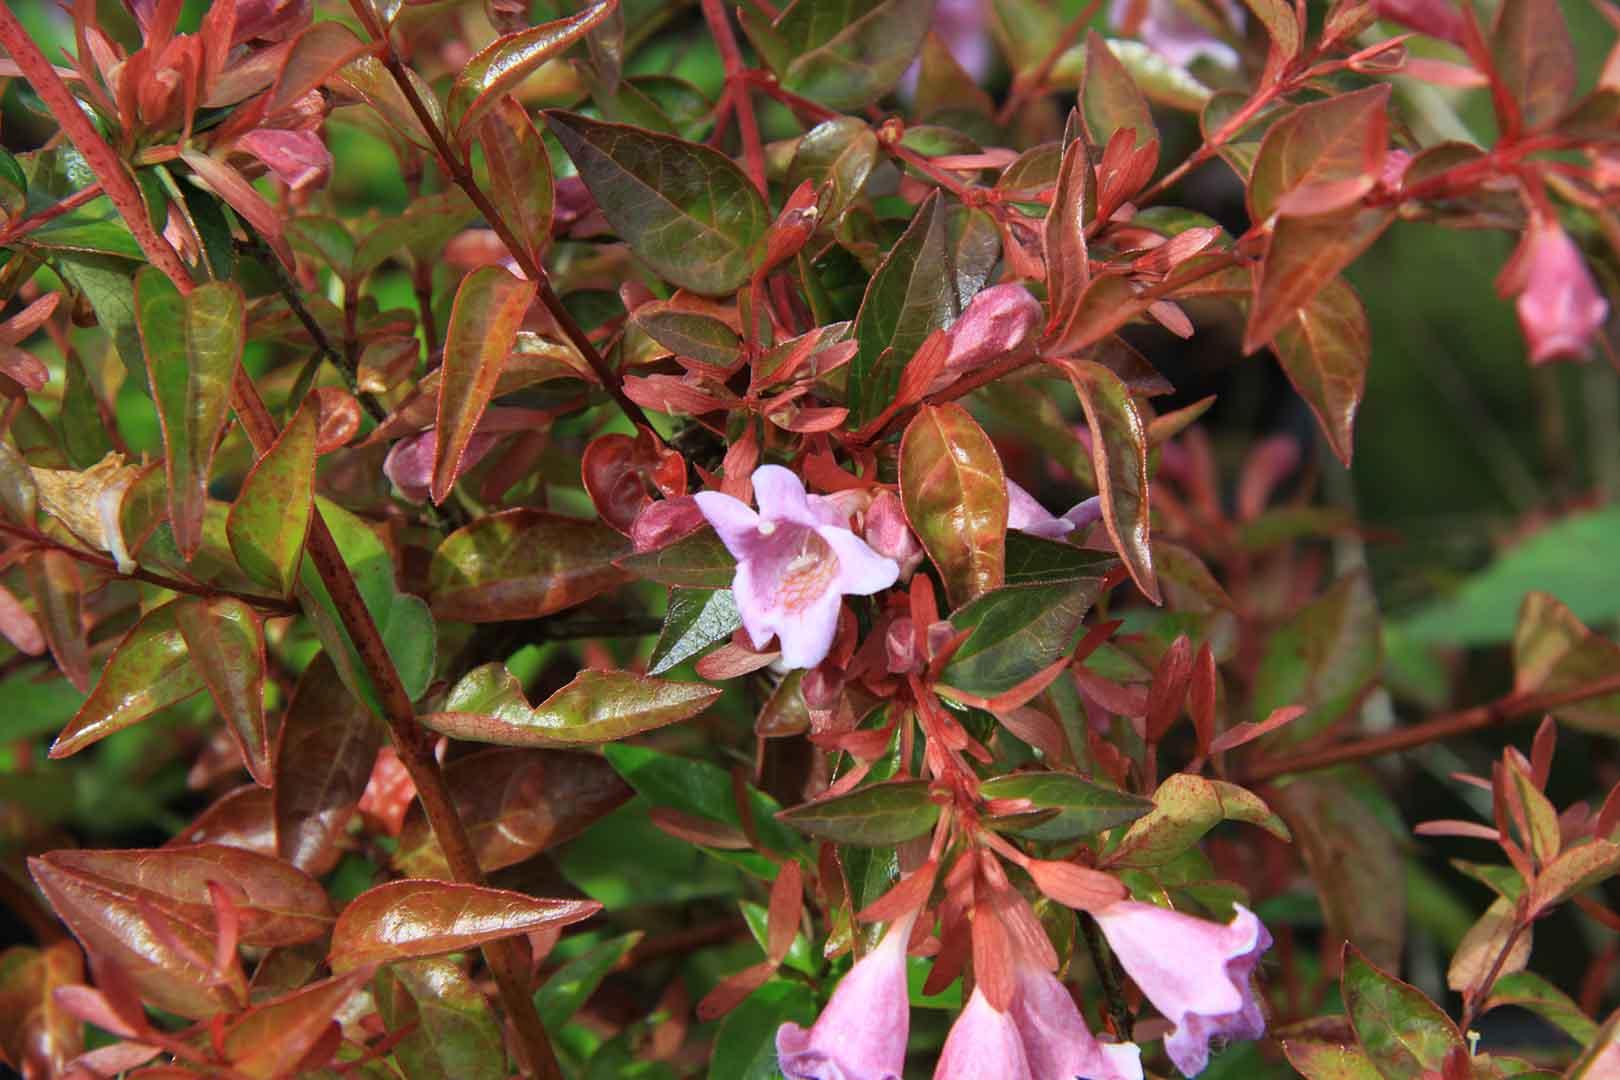 Abelia grandiflora edward goucher un arbusto con - Arbustos perennes con flor ...